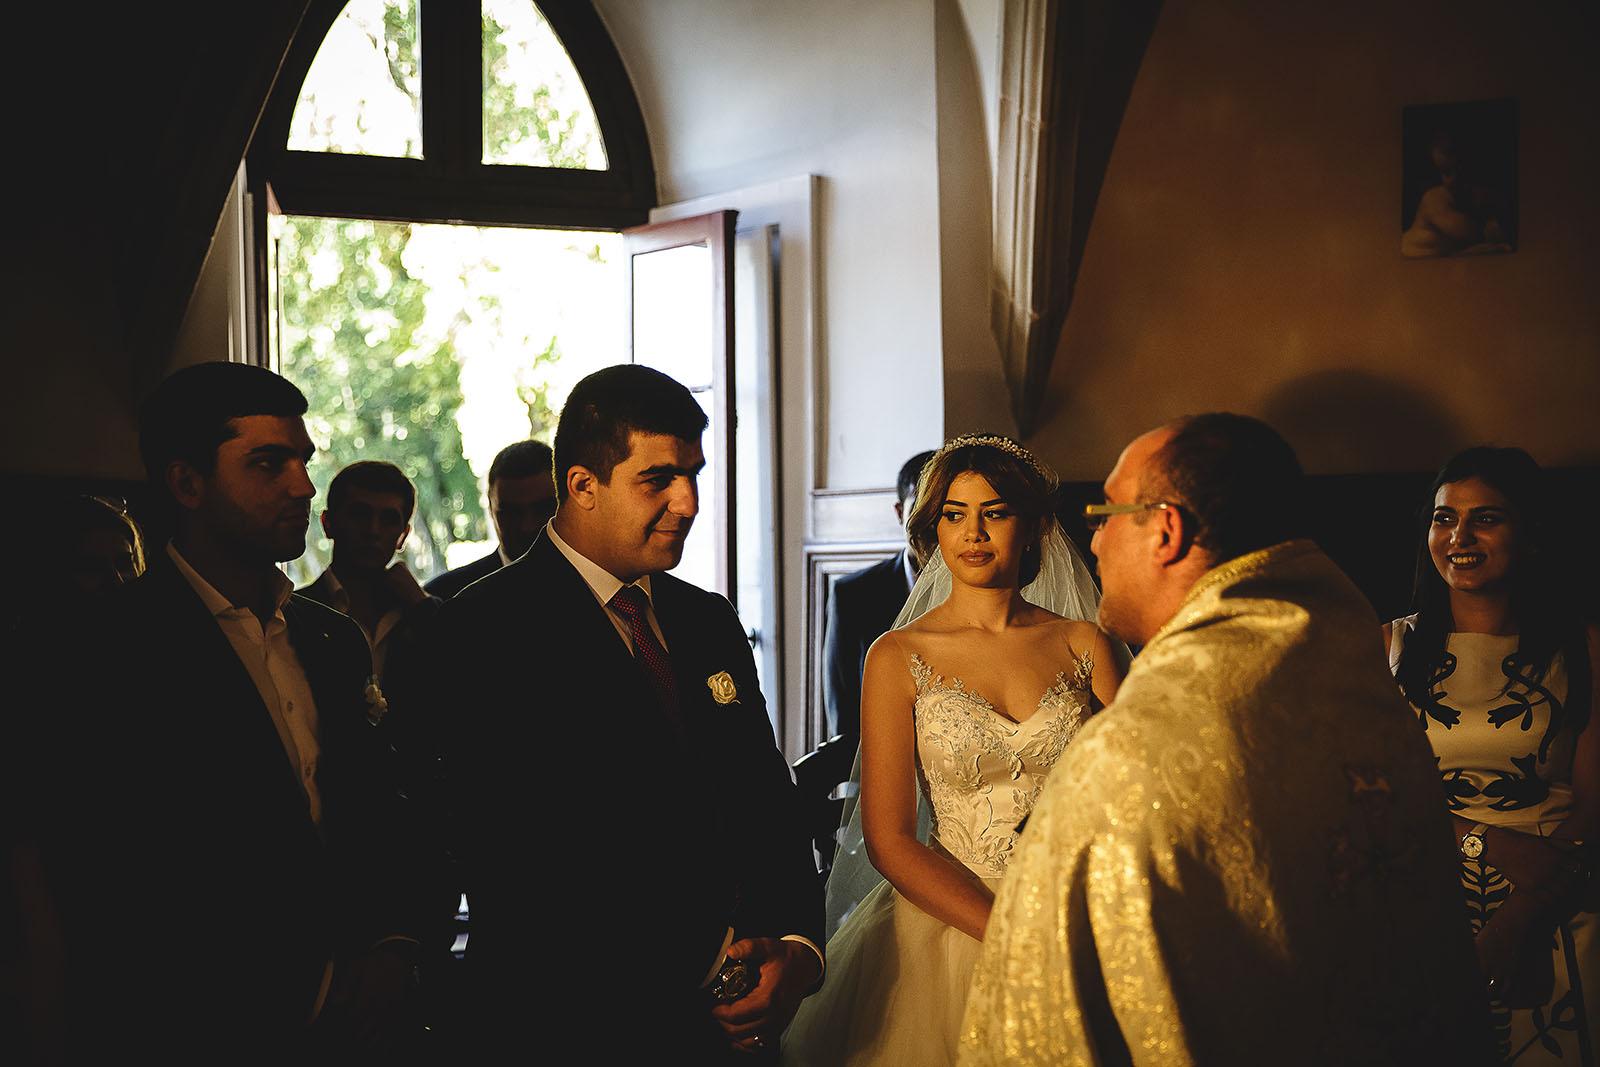 Mariage au Château de Beguin David Pommier photographe de mariage. Cérémonie religieuse dans la tradition arménienne